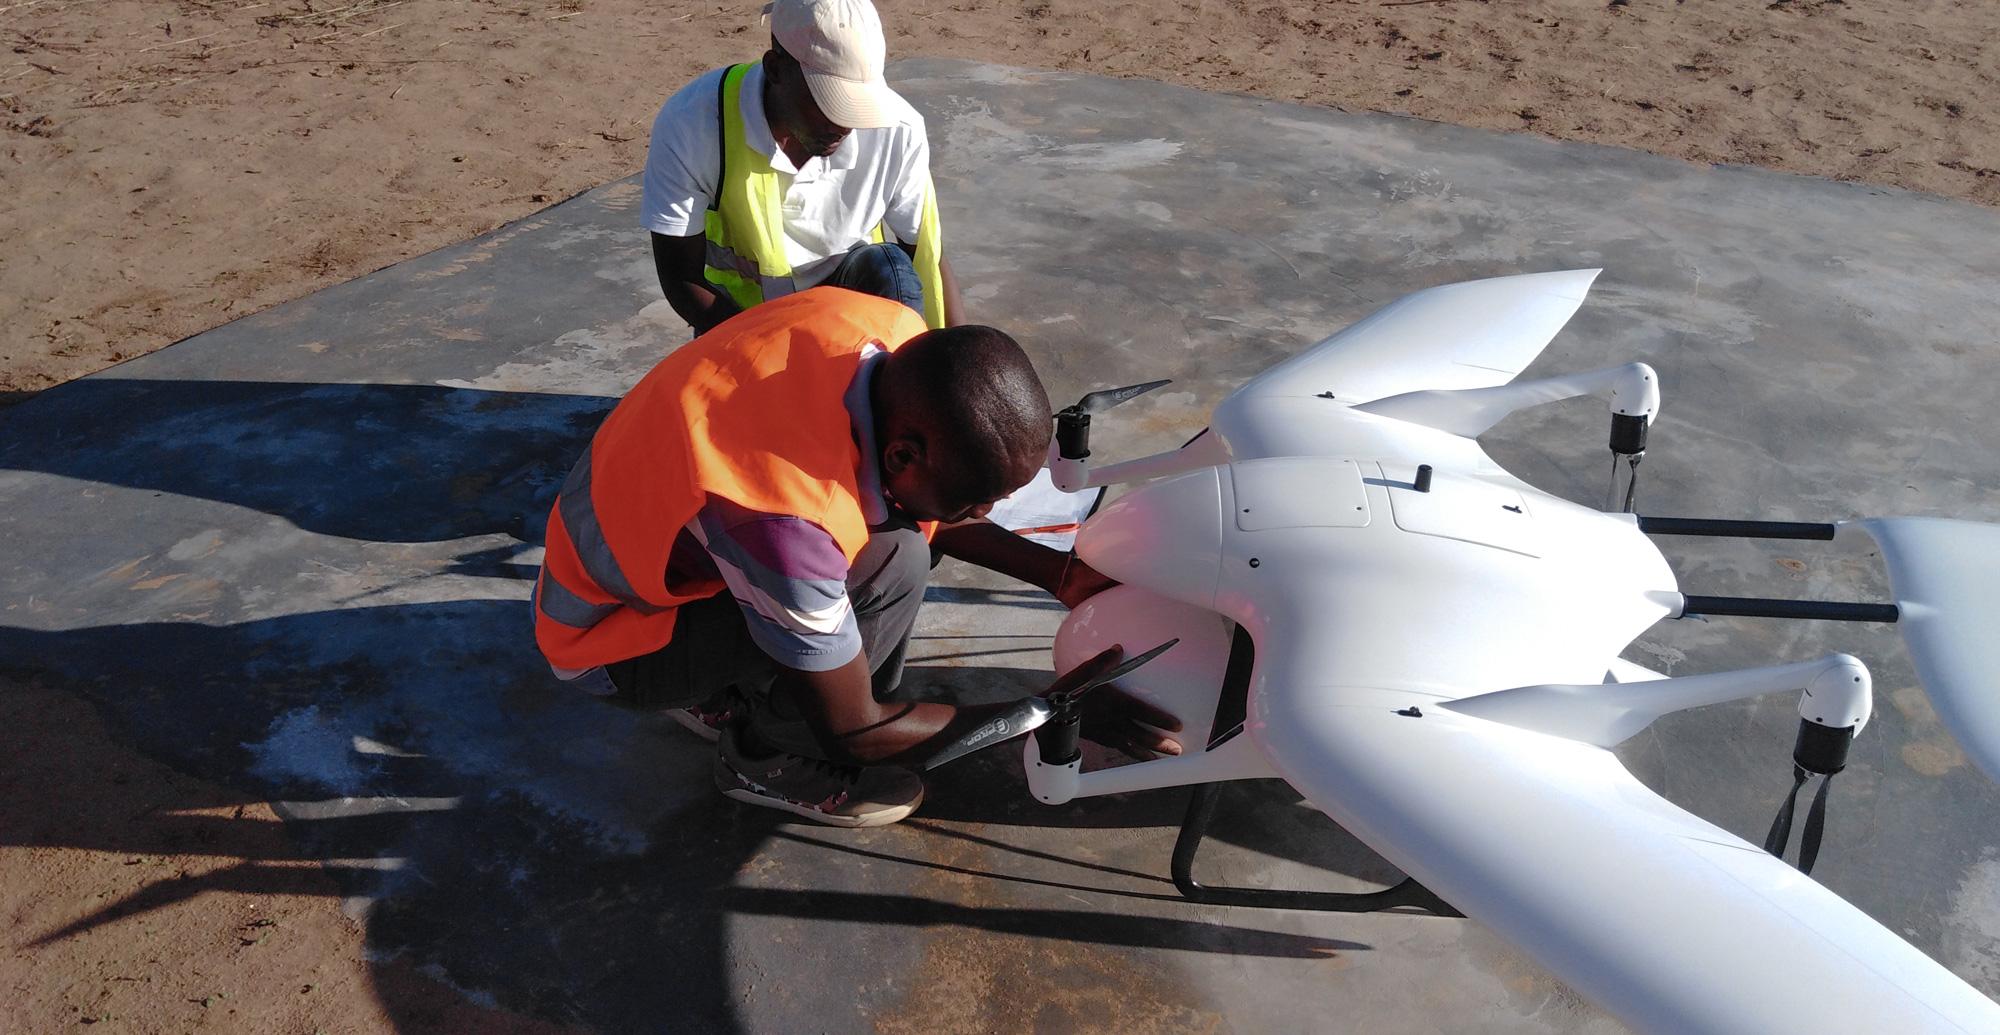 Wingcopter_Malawi_bea-03-web